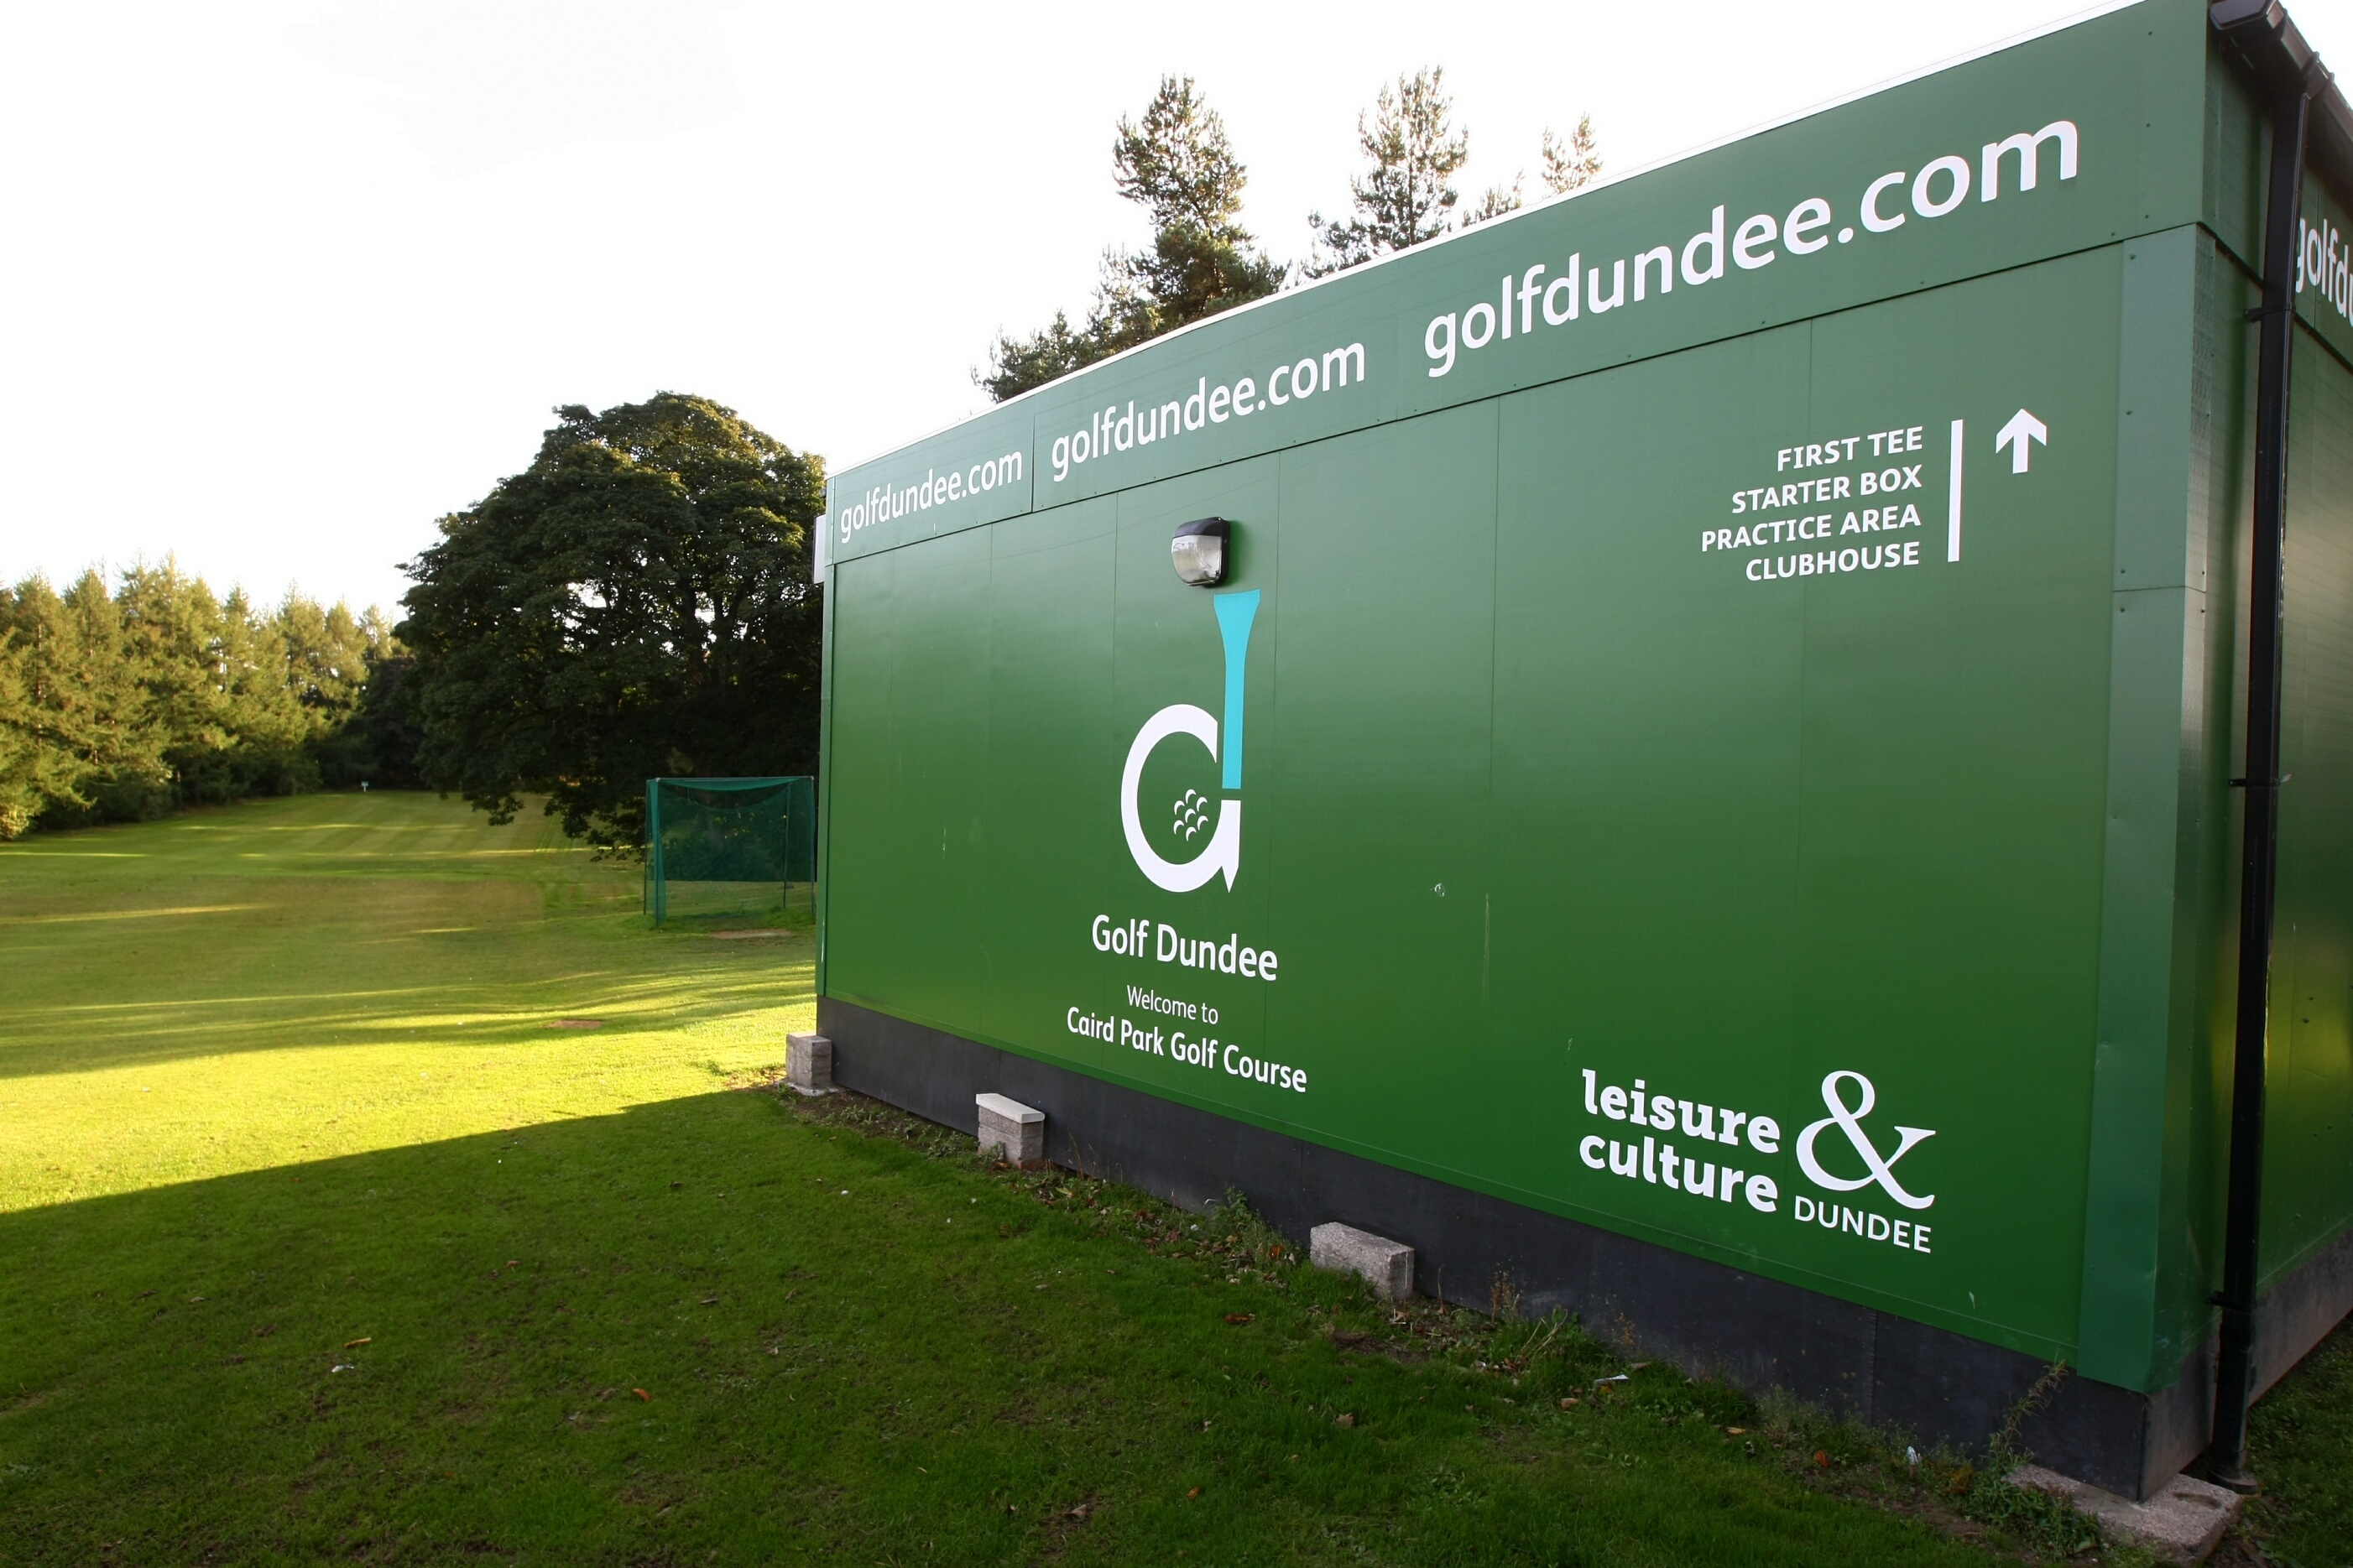 Caird Park Golf Course.